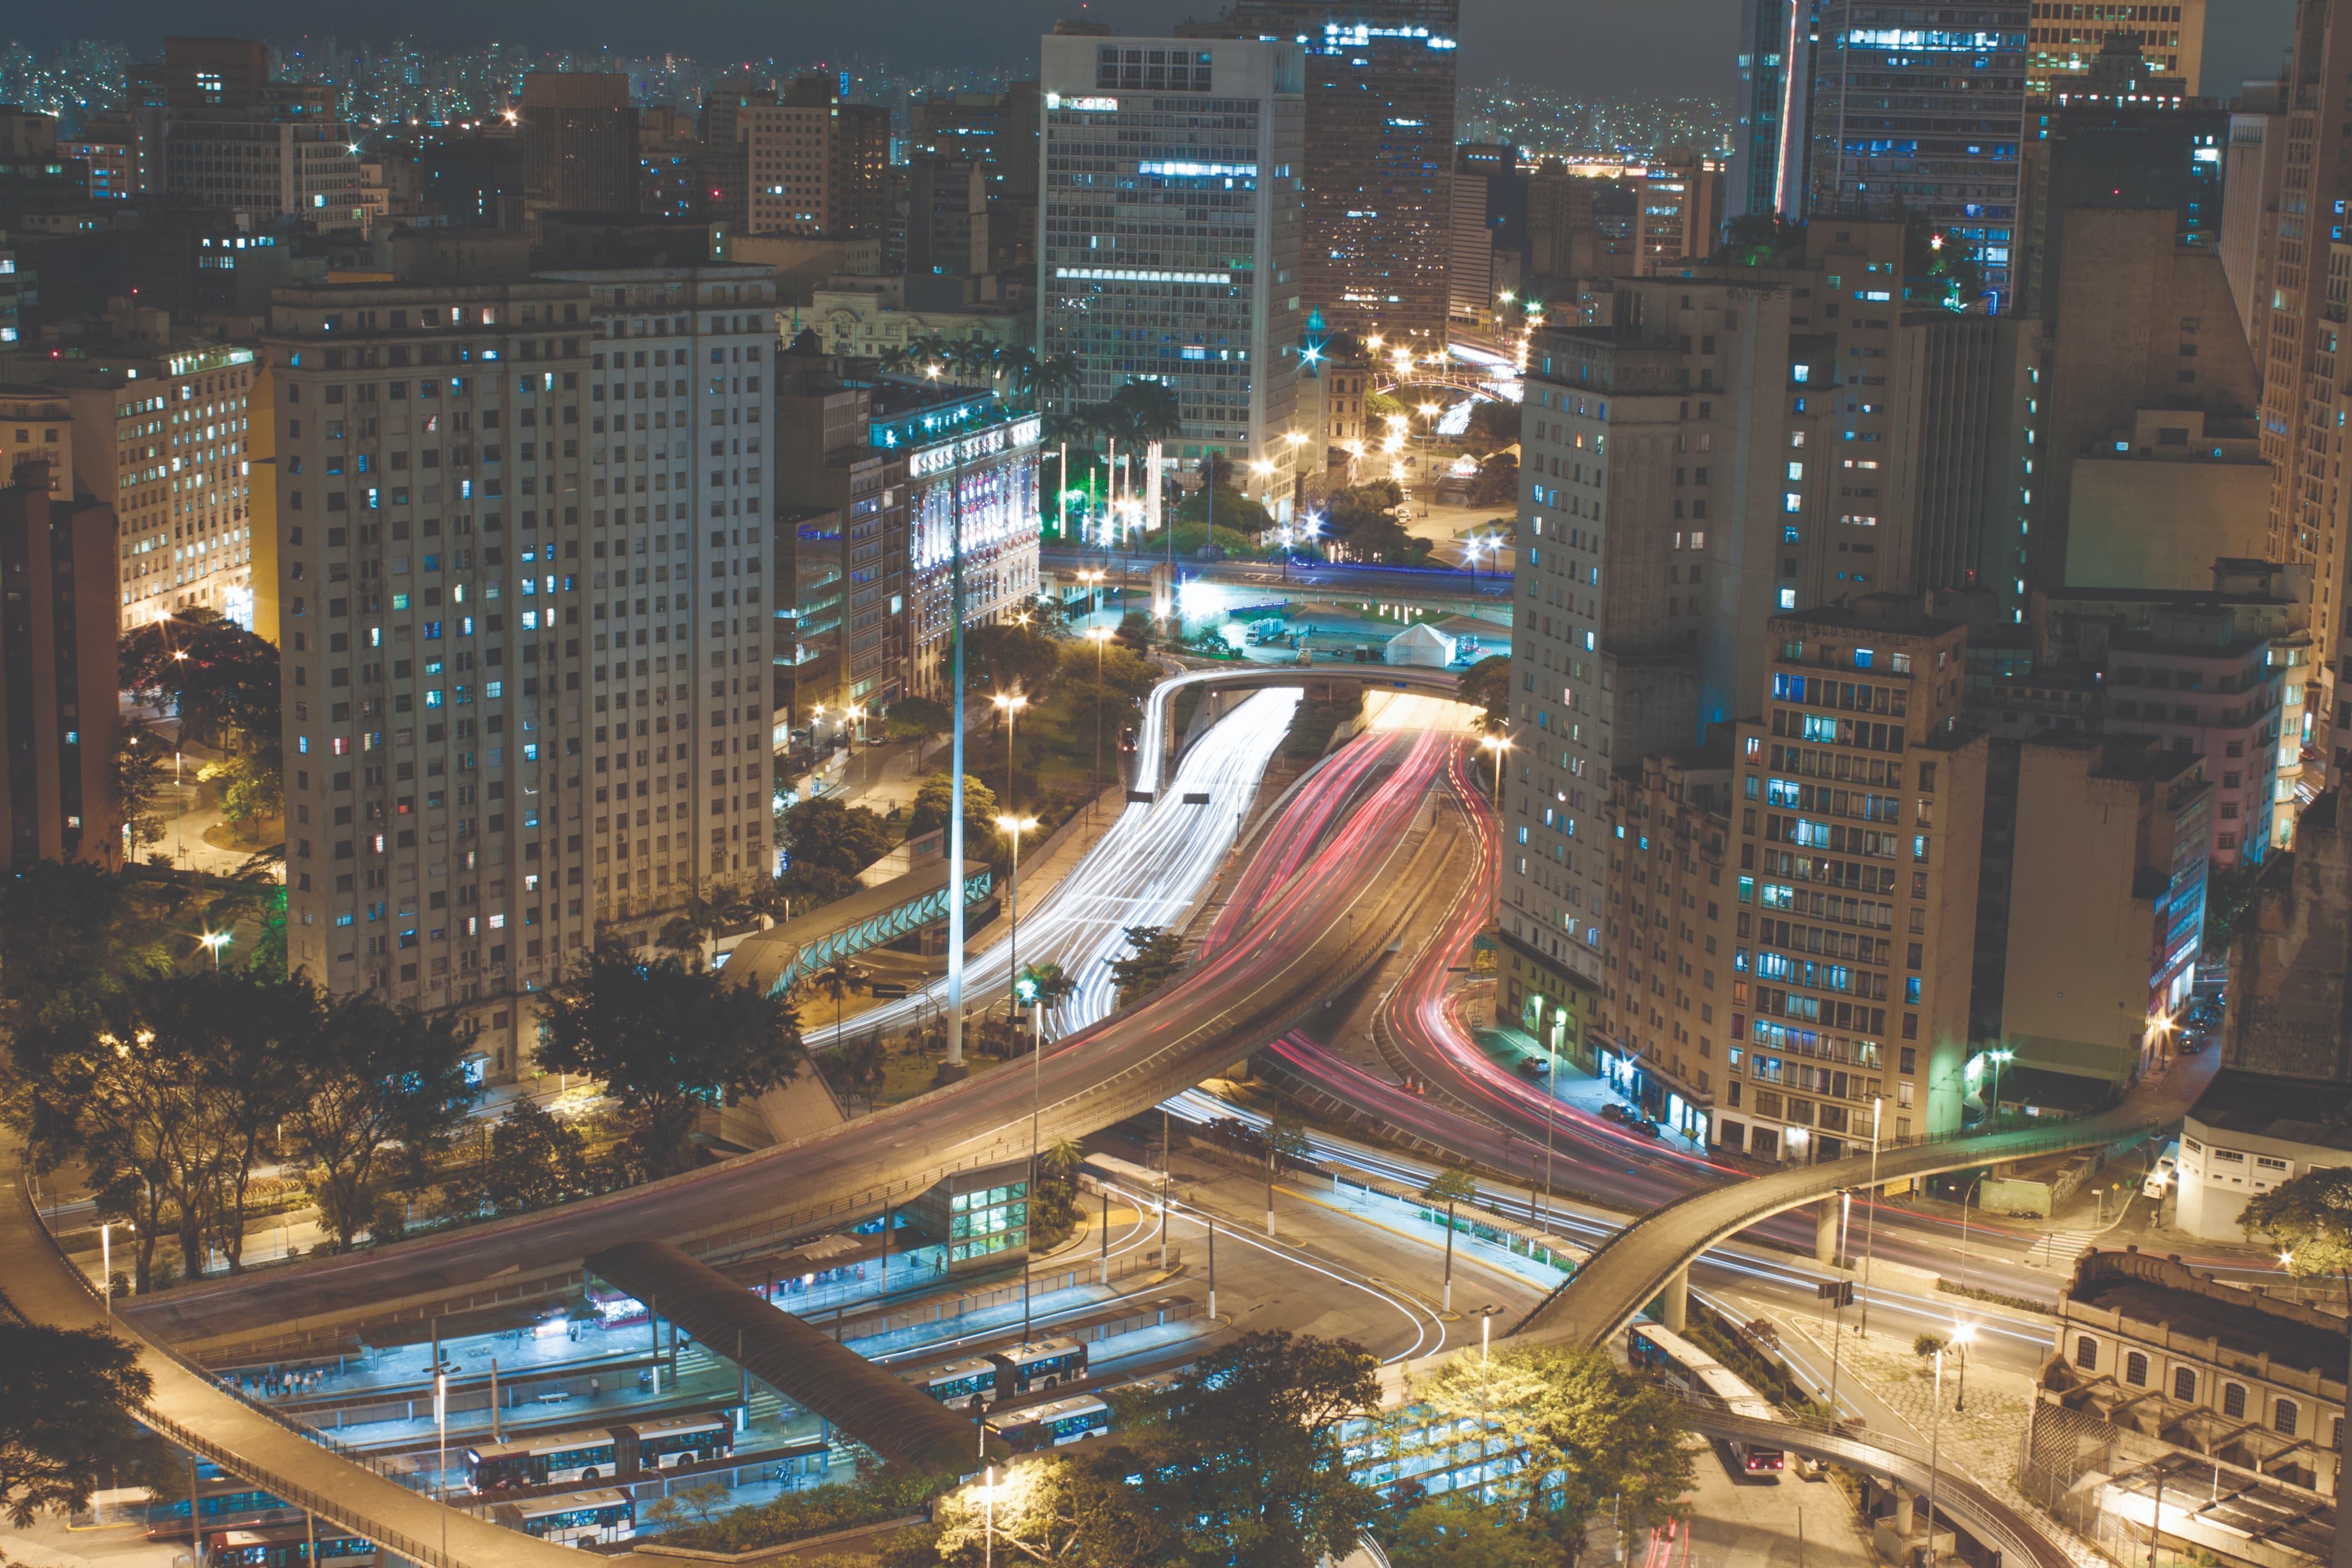 Com crescimento do mercado imobiliário em São Paulo, solução é concentrar em regiões com infraestrutura bem consolidada